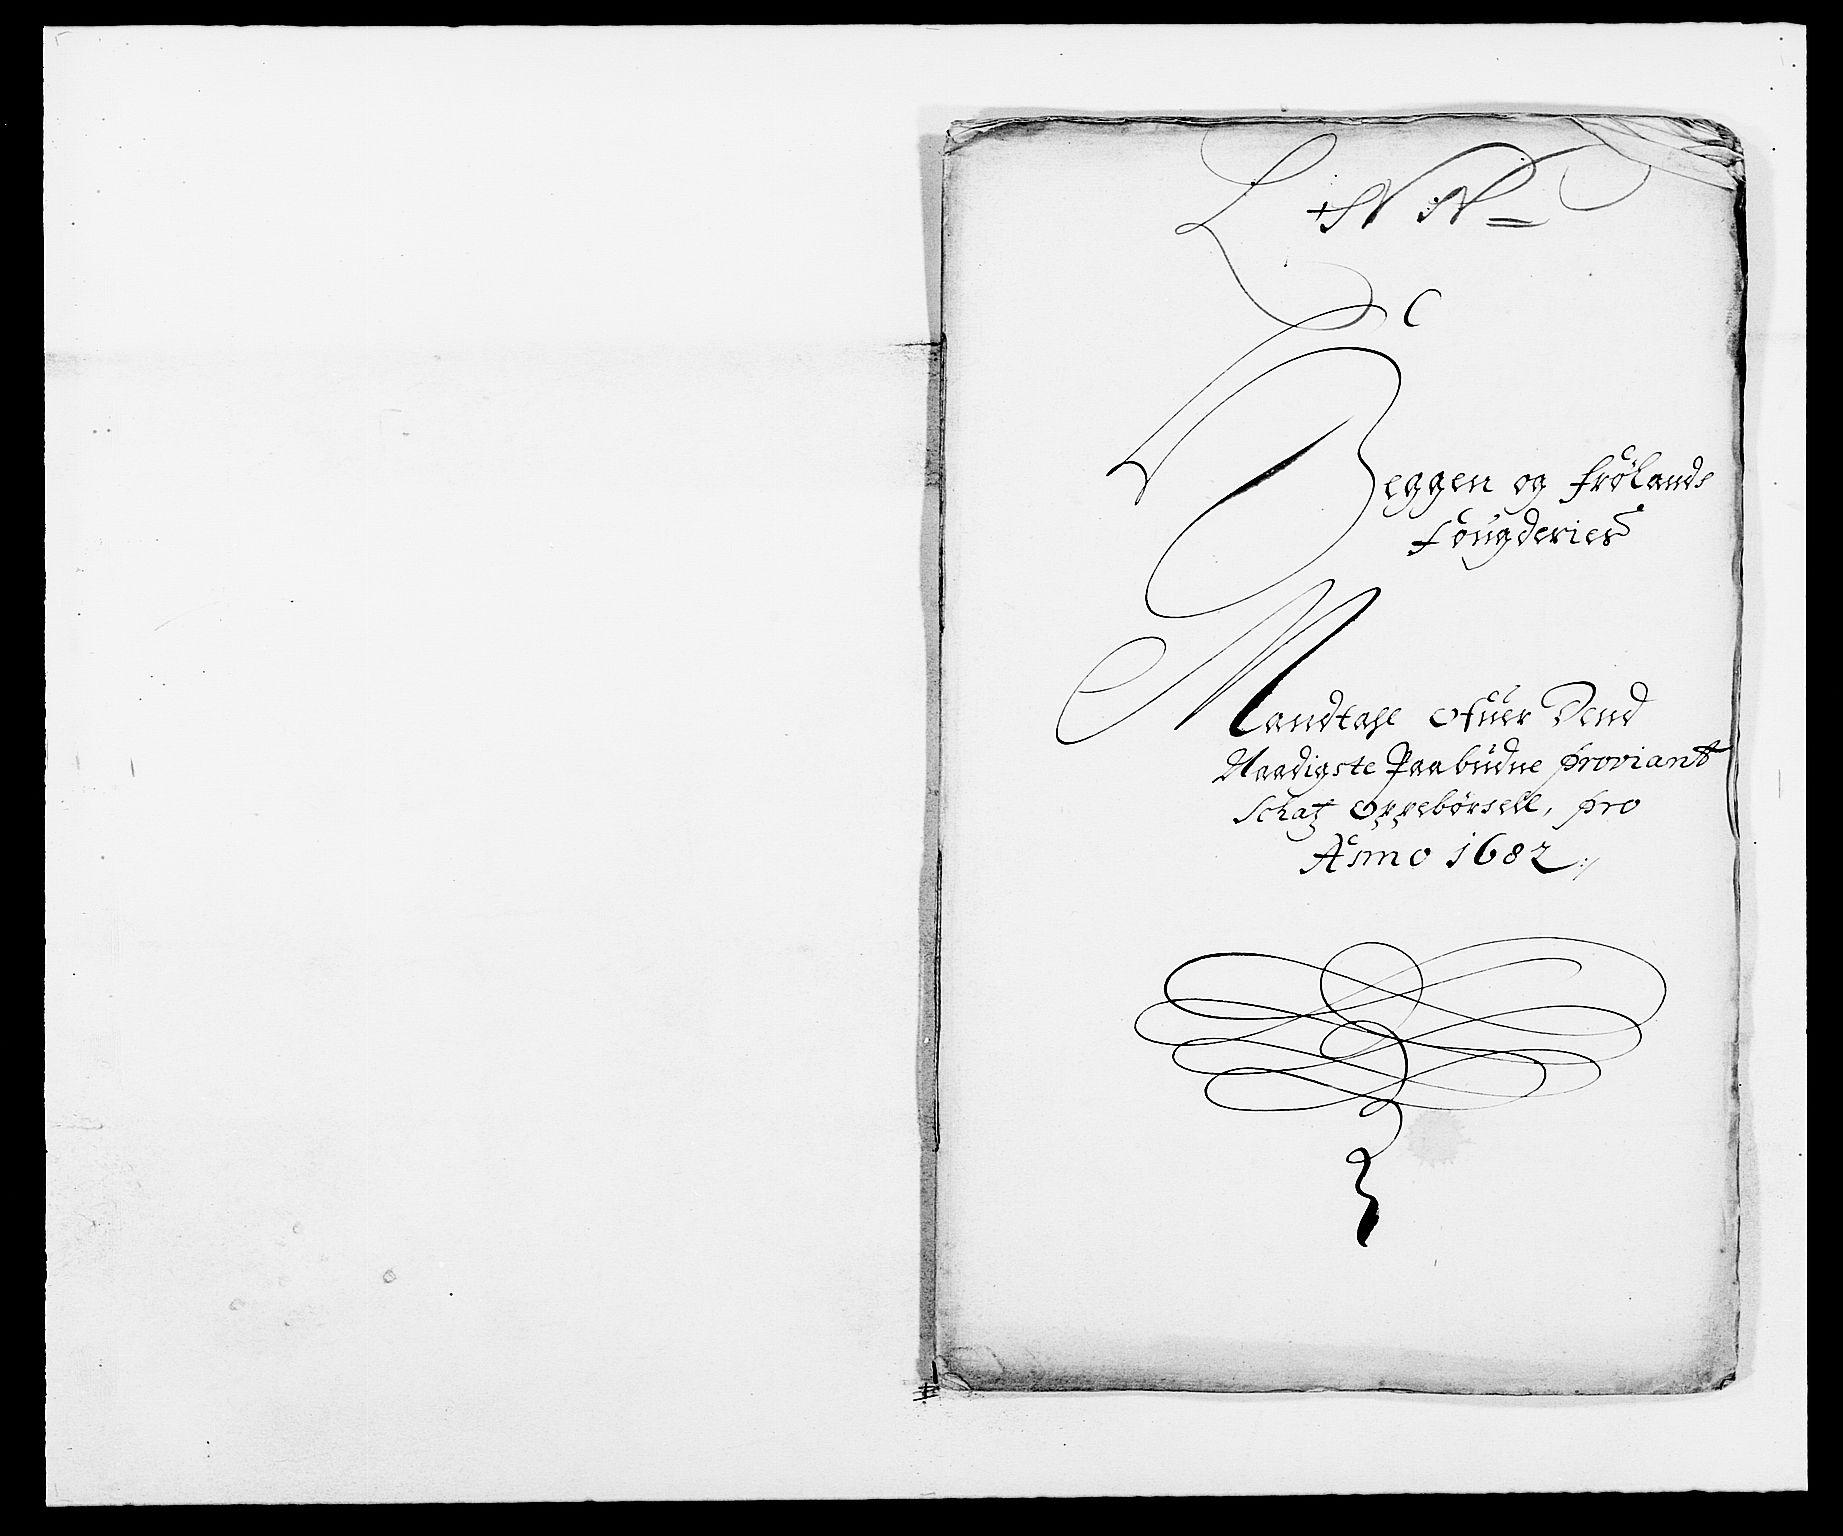 RA, Rentekammeret inntil 1814, Reviderte regnskaper, Fogderegnskap, R06/L0280: Fogderegnskap Heggen og Frøland, 1681-1684, s. 296